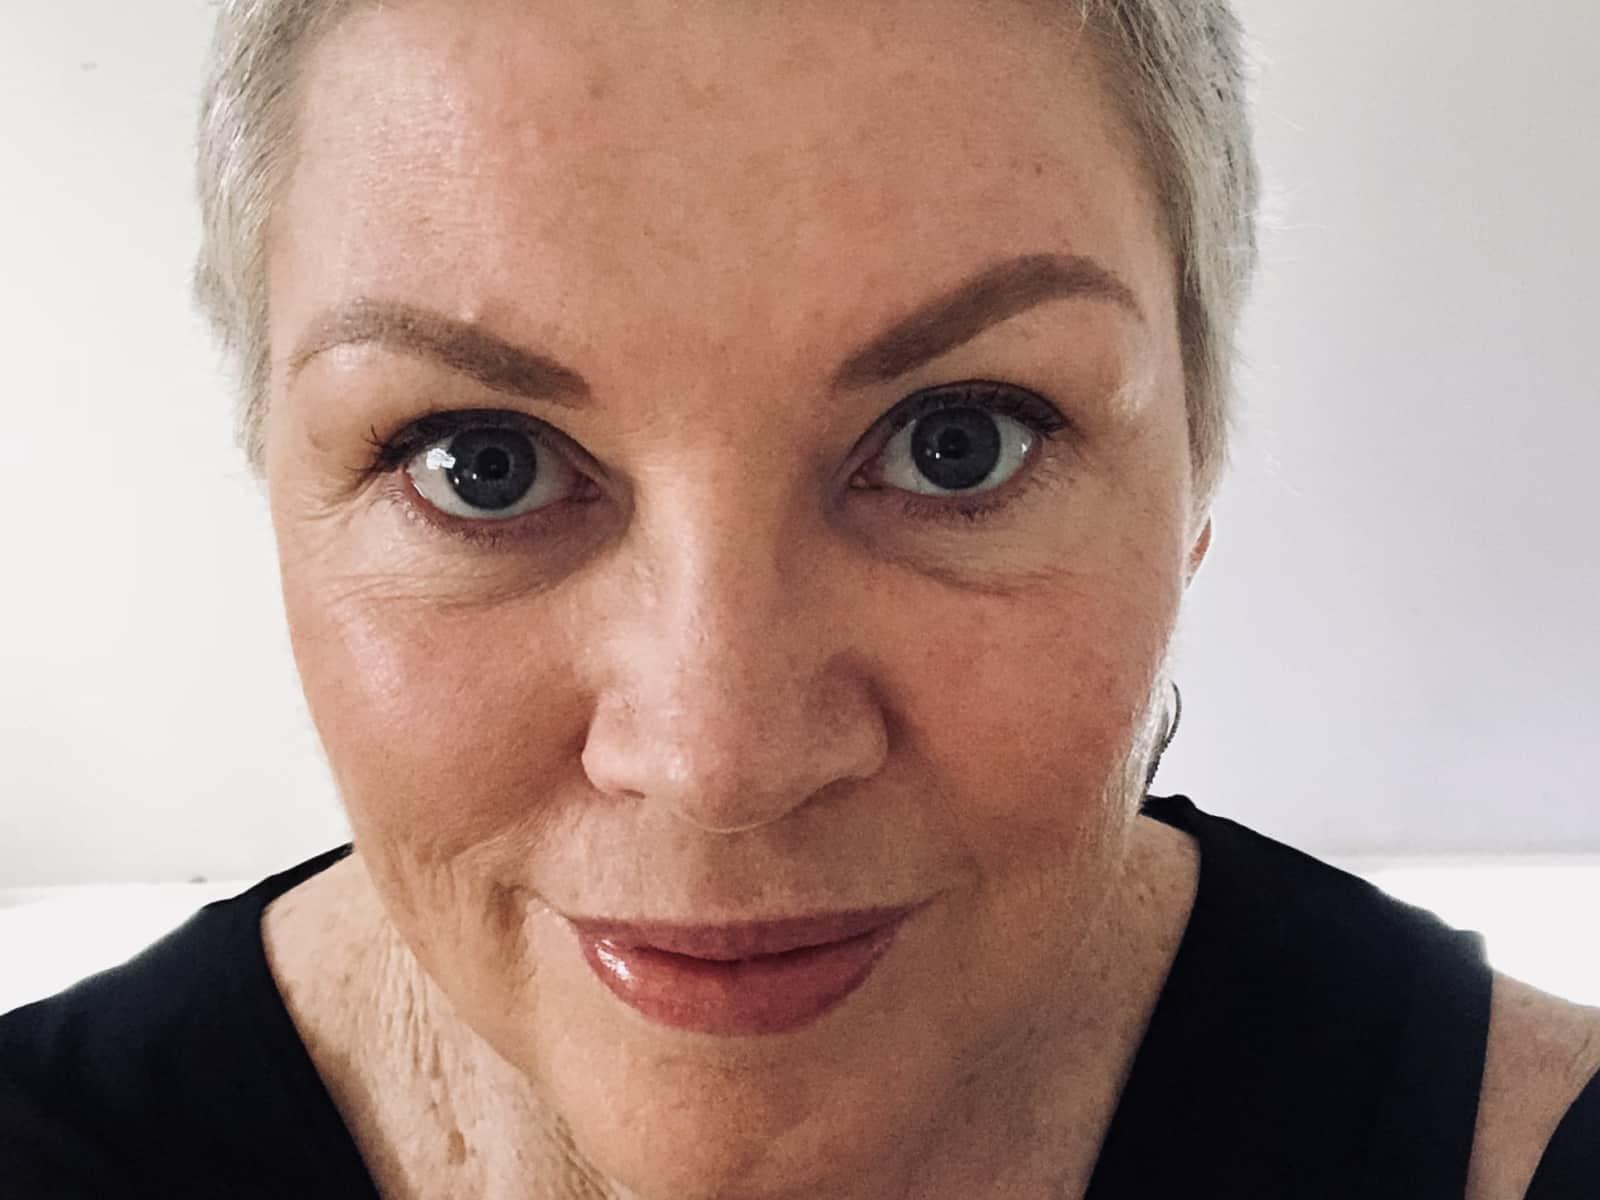 Ann from Brisbane, Queensland, Australia